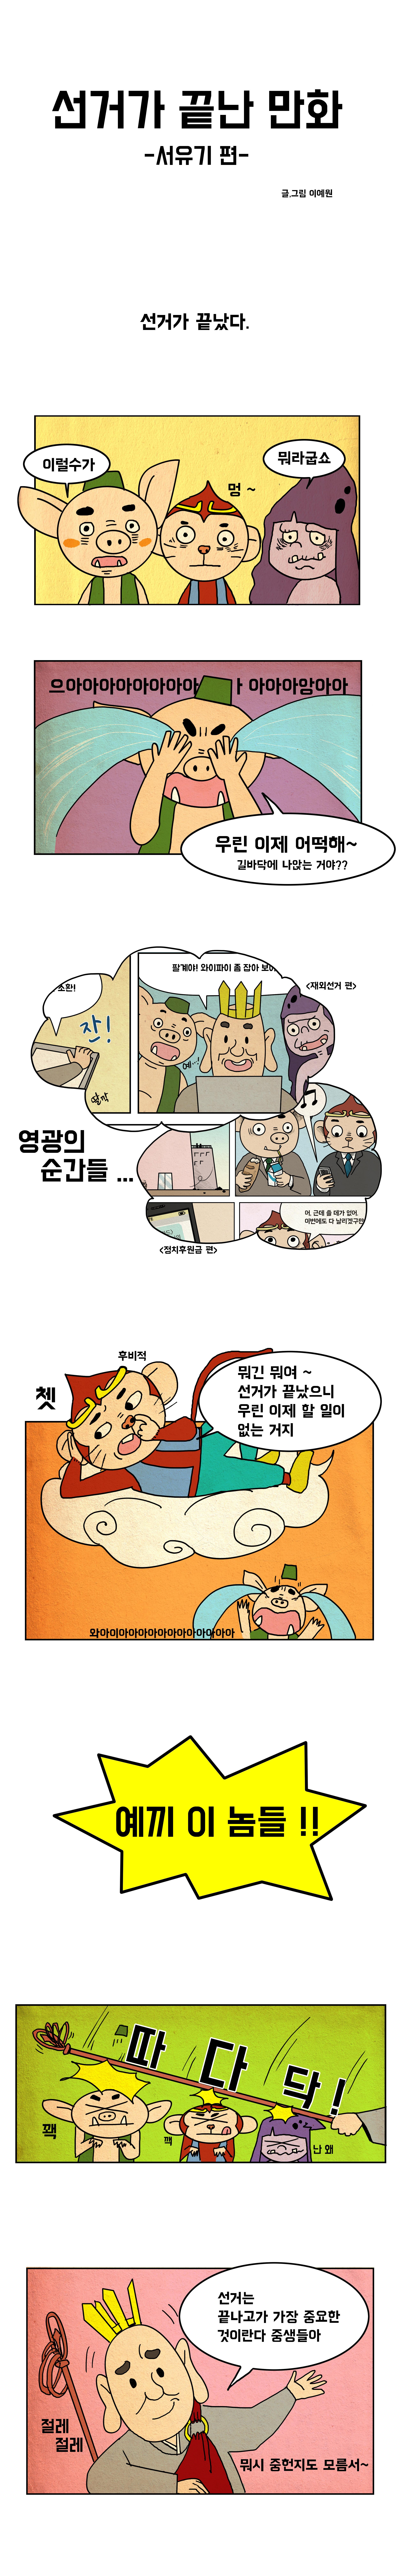 선거가 끝난 만화 -서유기 편-